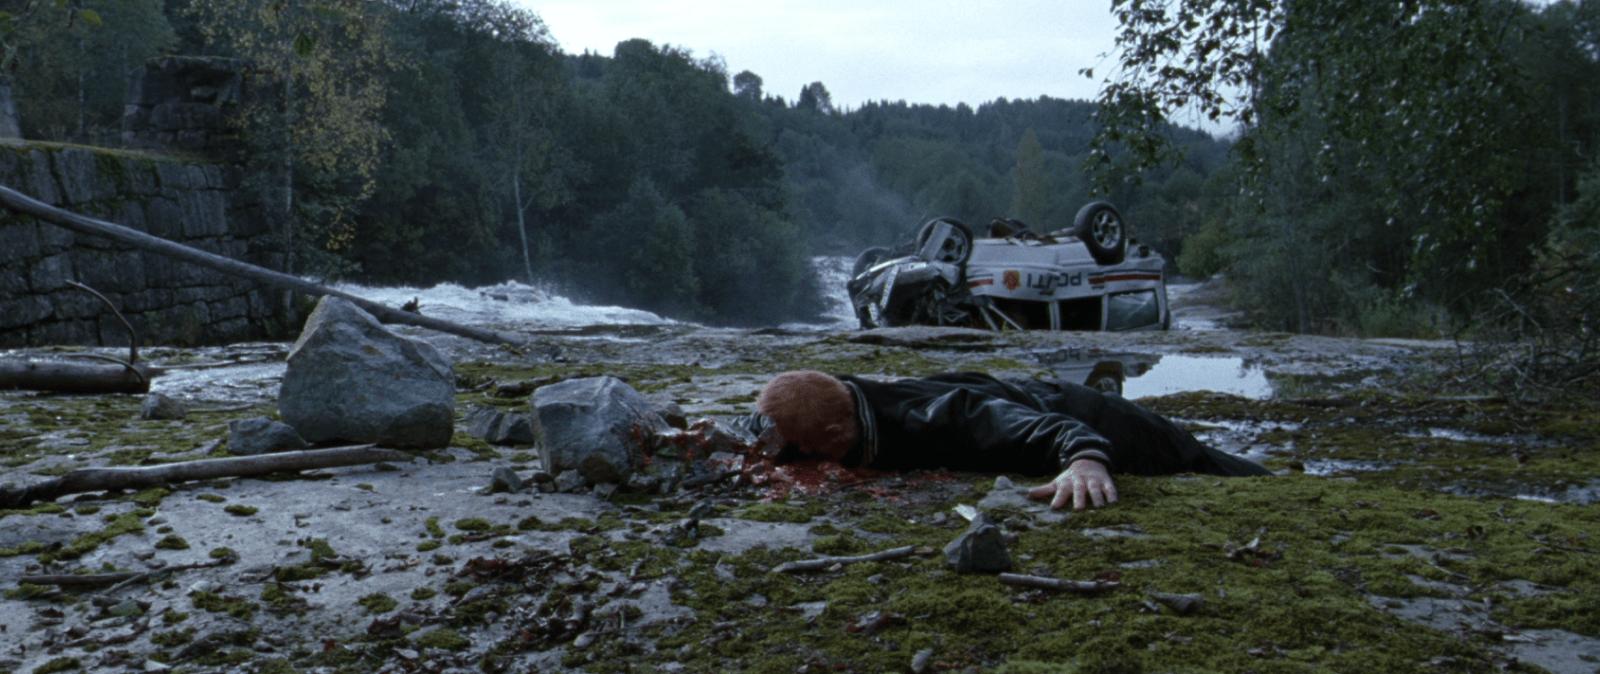 Топ-10 лучших скандинавских фильмов (2020)